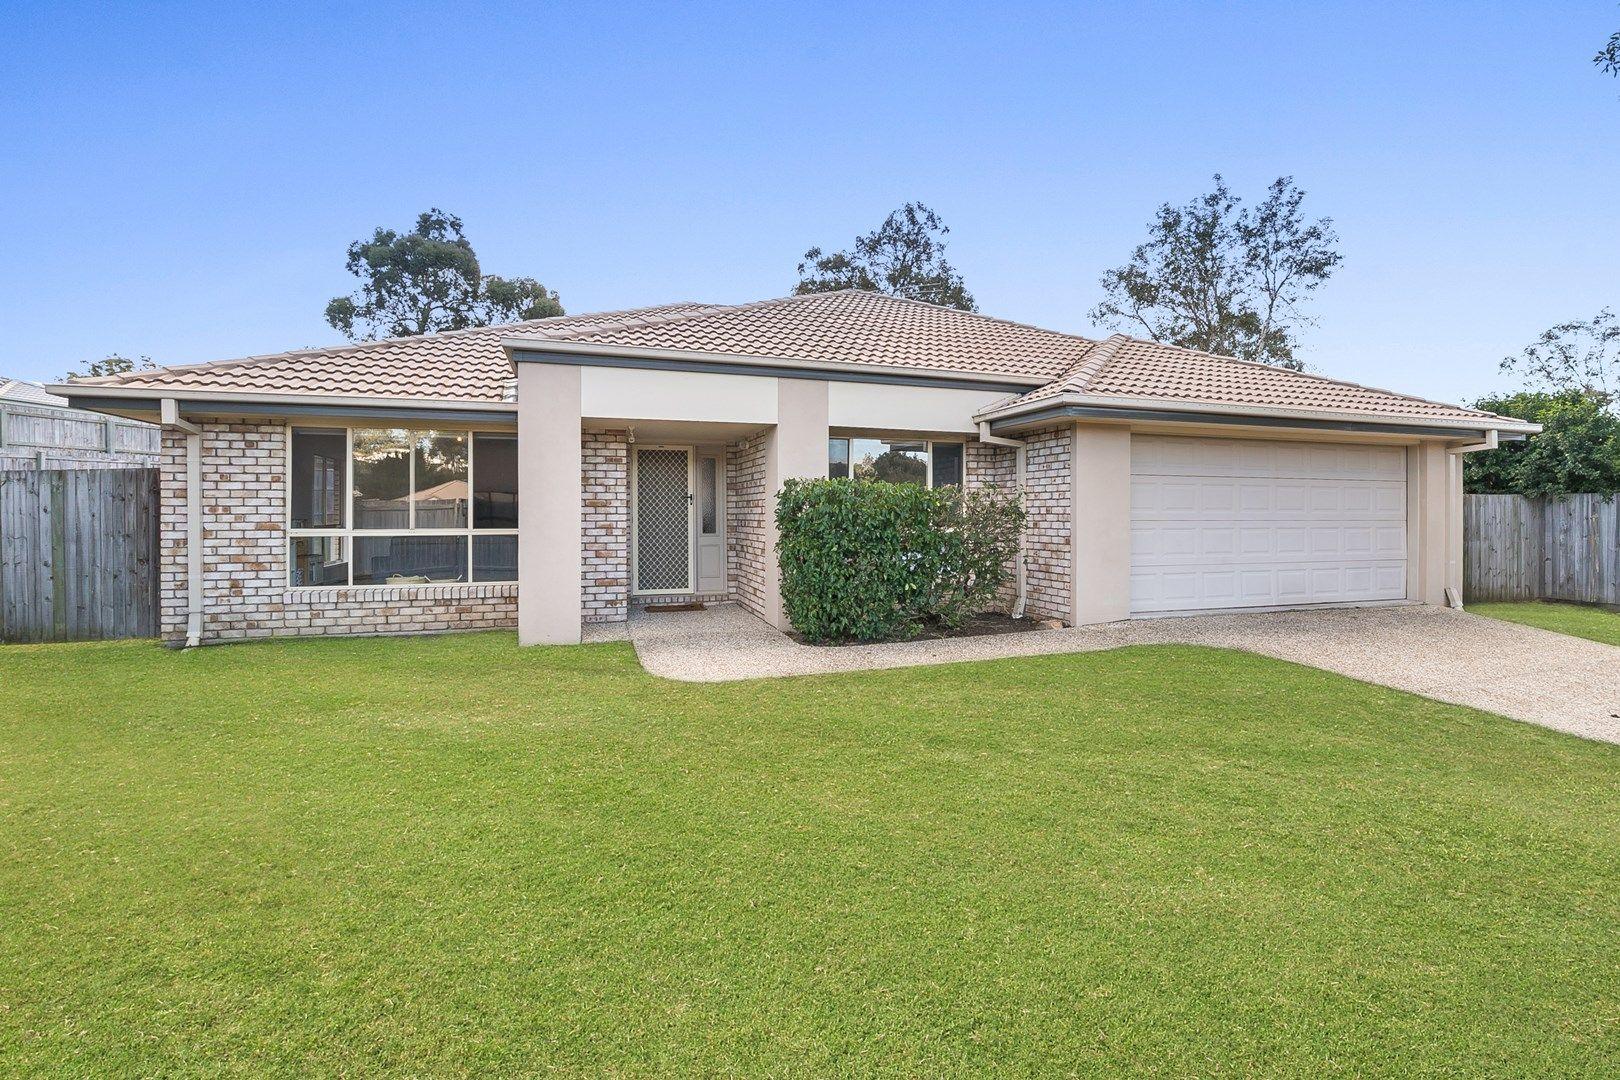 20 Joseph Avenue, Moggill QLD 4070, Image 0